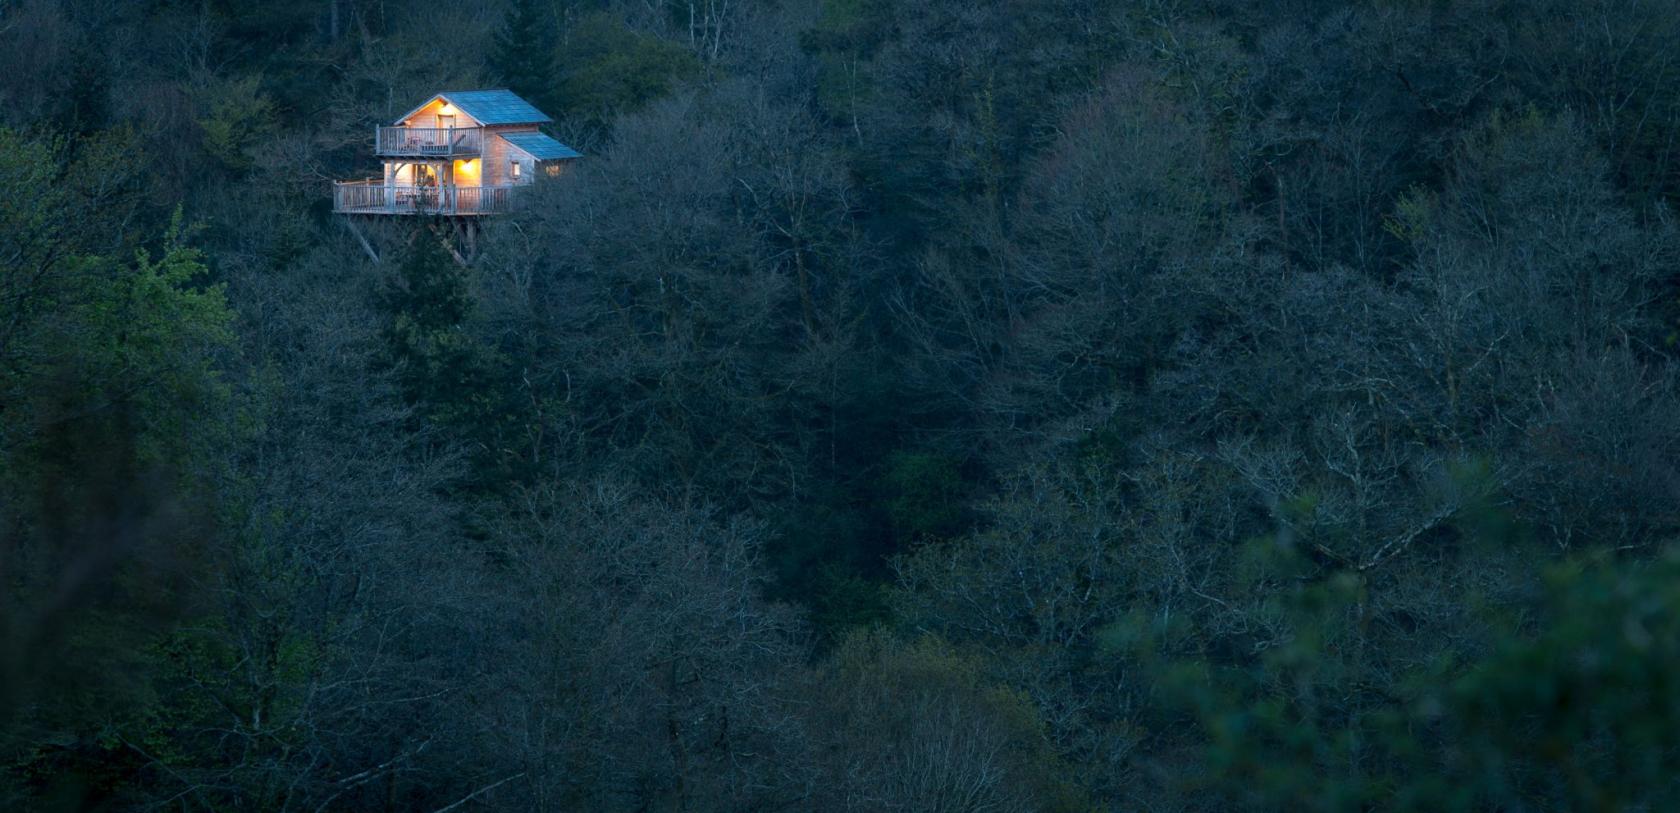 Quistinic, cabane perchée dans les arbres